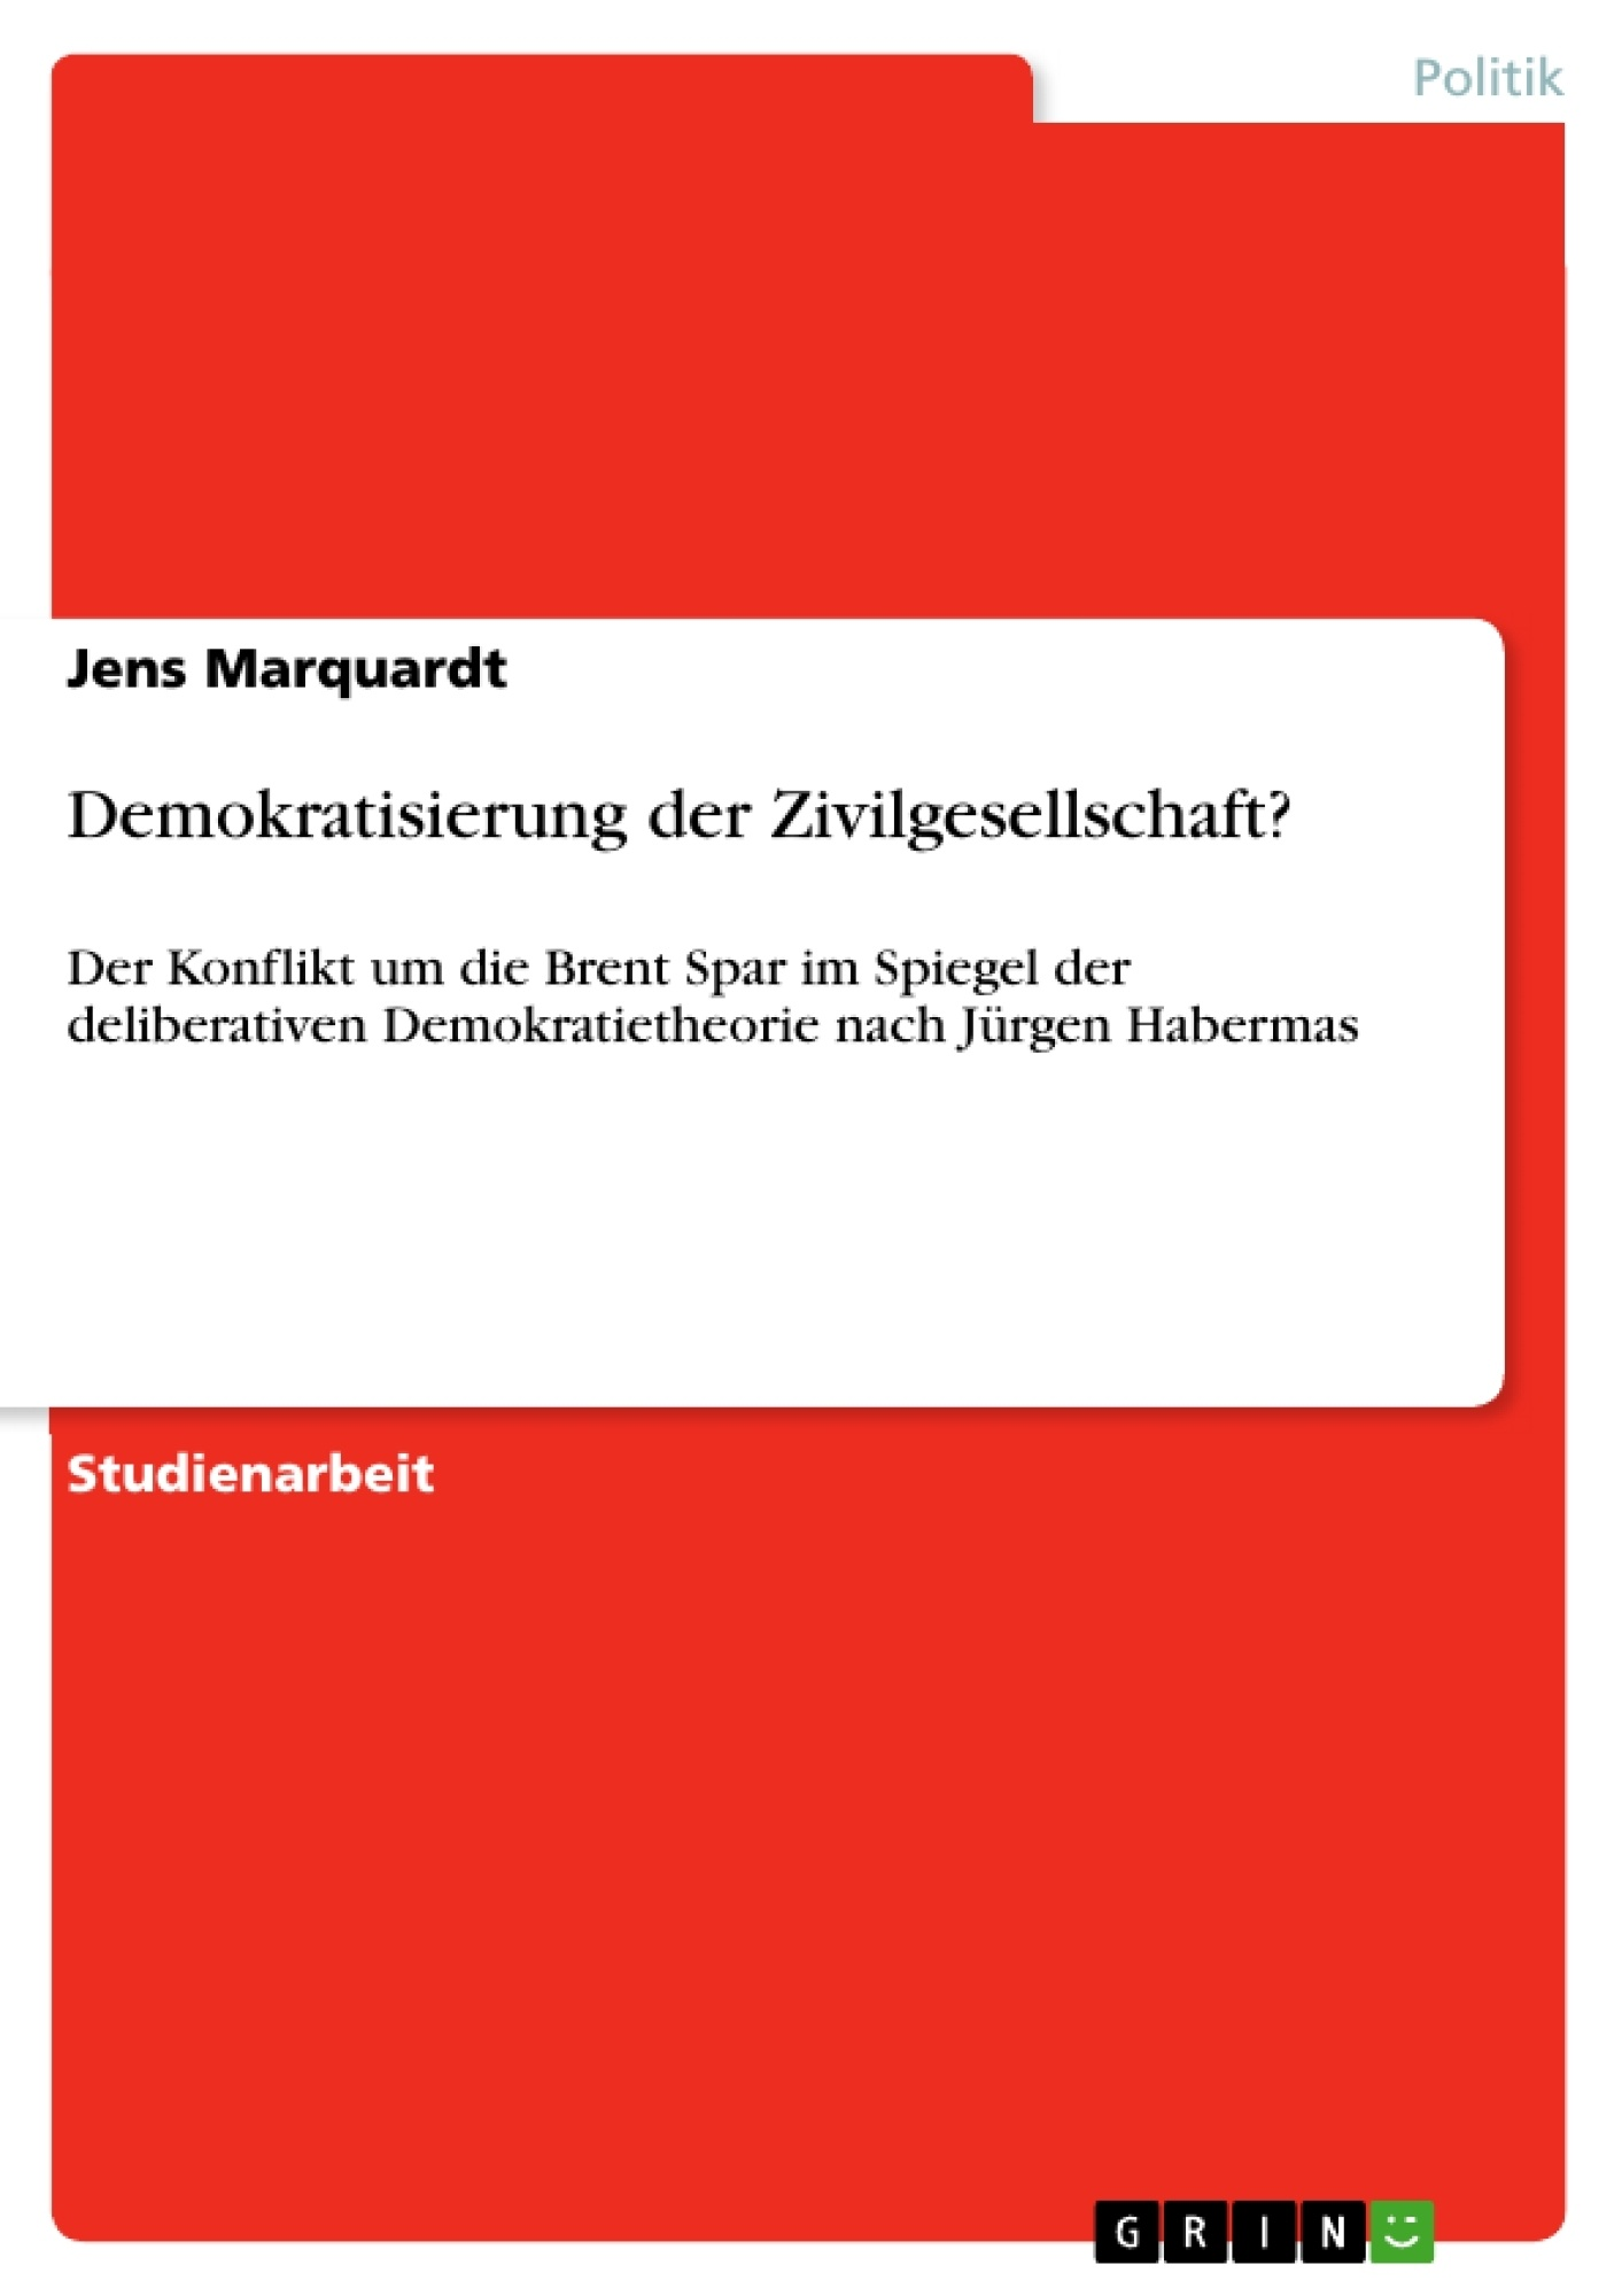 Titel: Demokratisierung der Zivilgesellschaft?